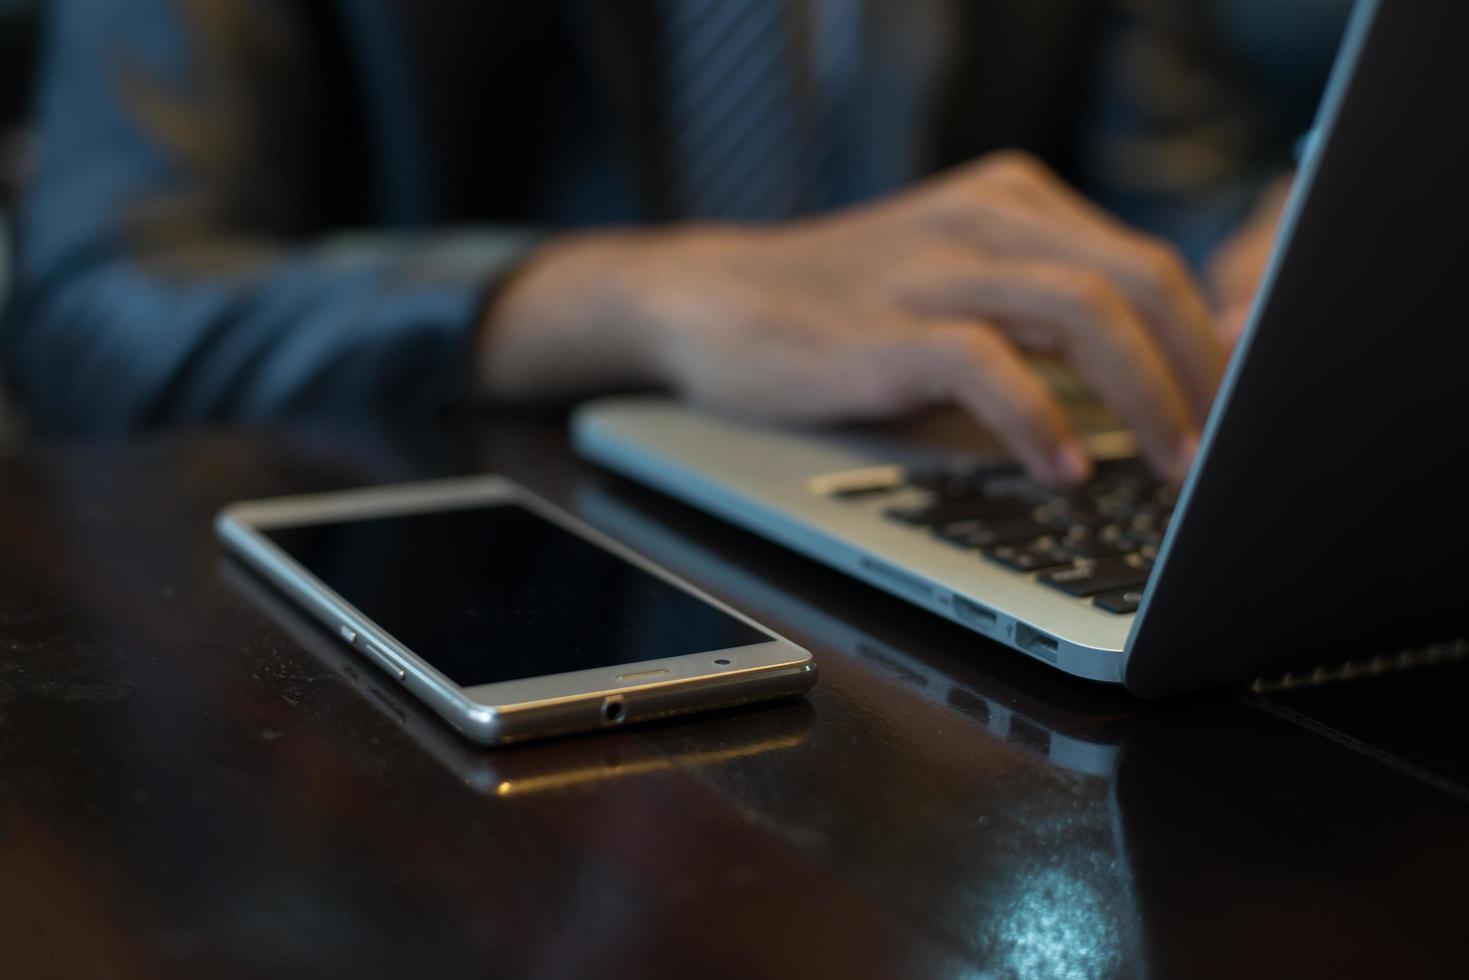 mãos de empresário digitando em um teclado de laptop no local de trabalho foto